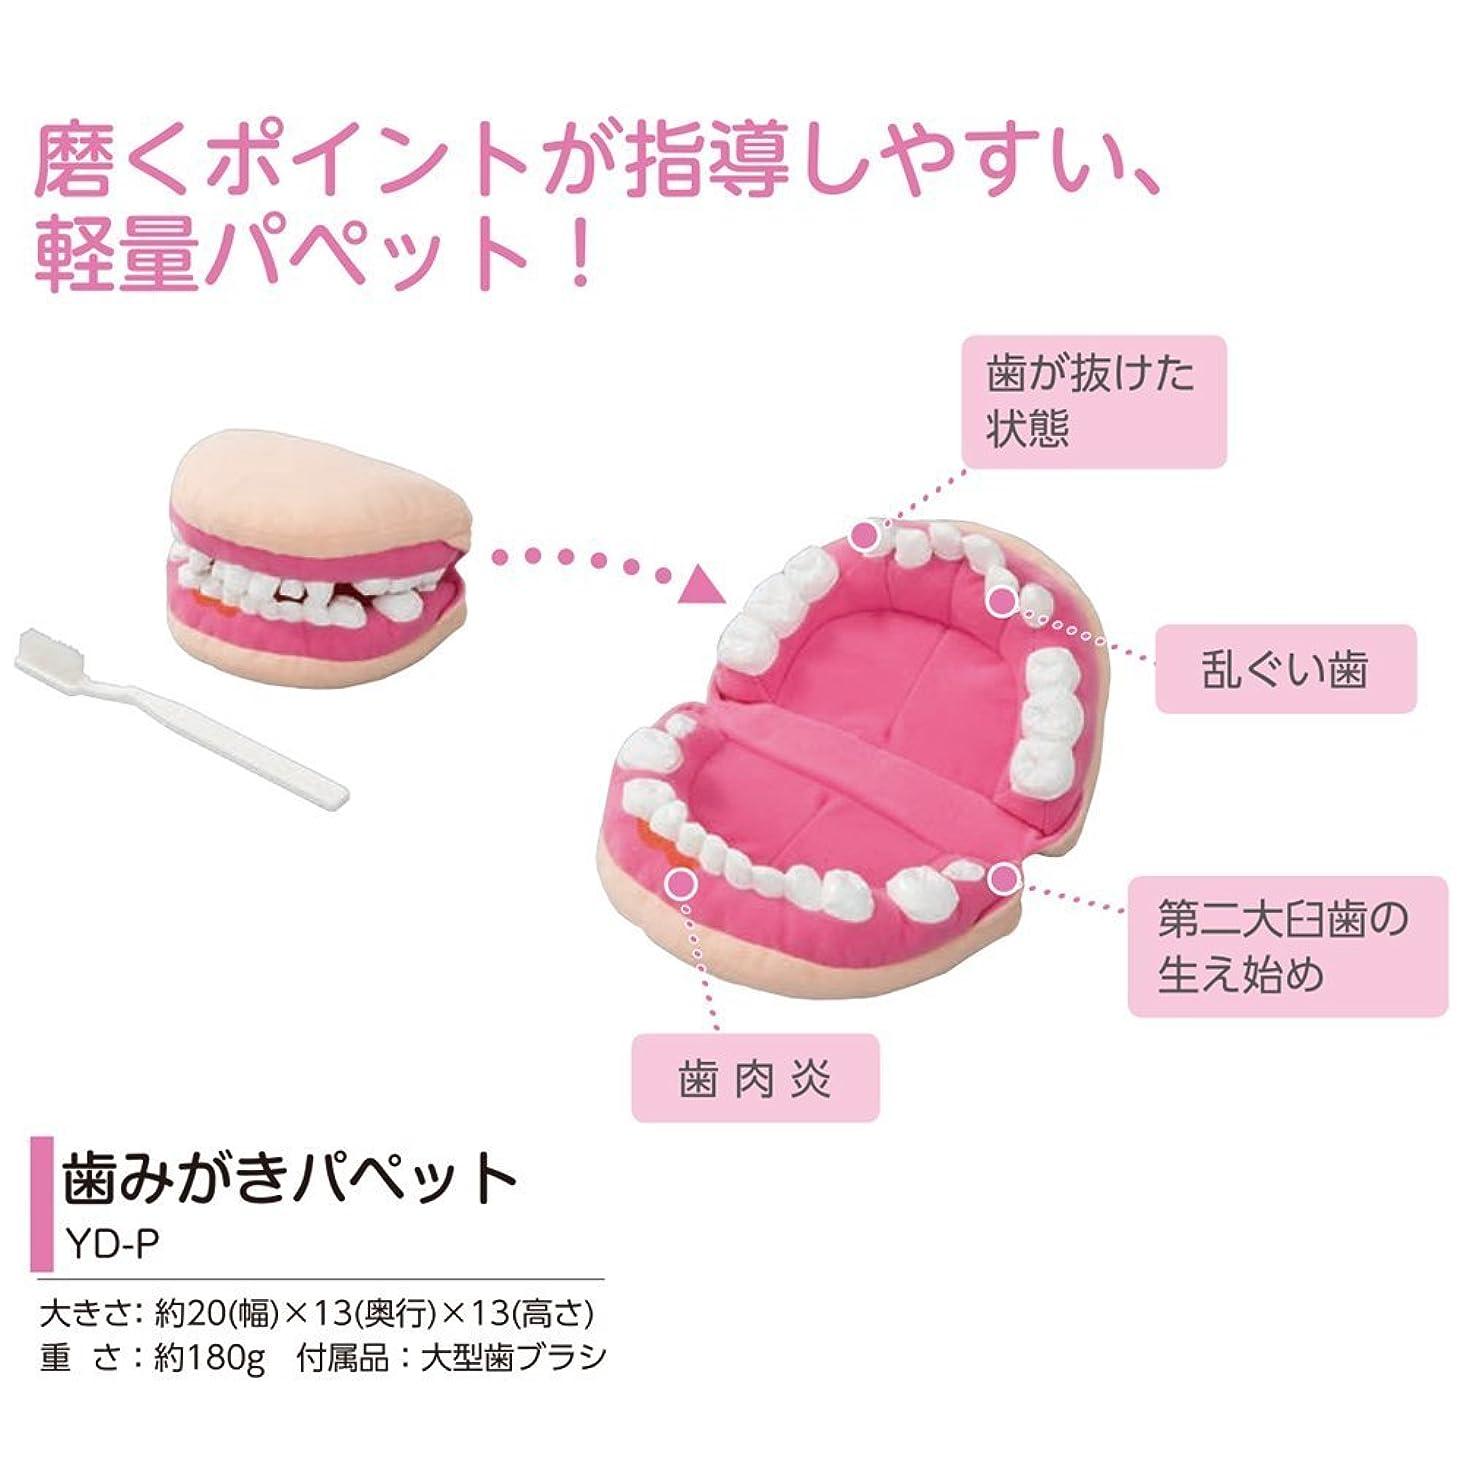 バンガロー変色するしょっぱい歯磨き指導用パペット YD-P 人形 ぬいぐるみ 歯みがきパペット